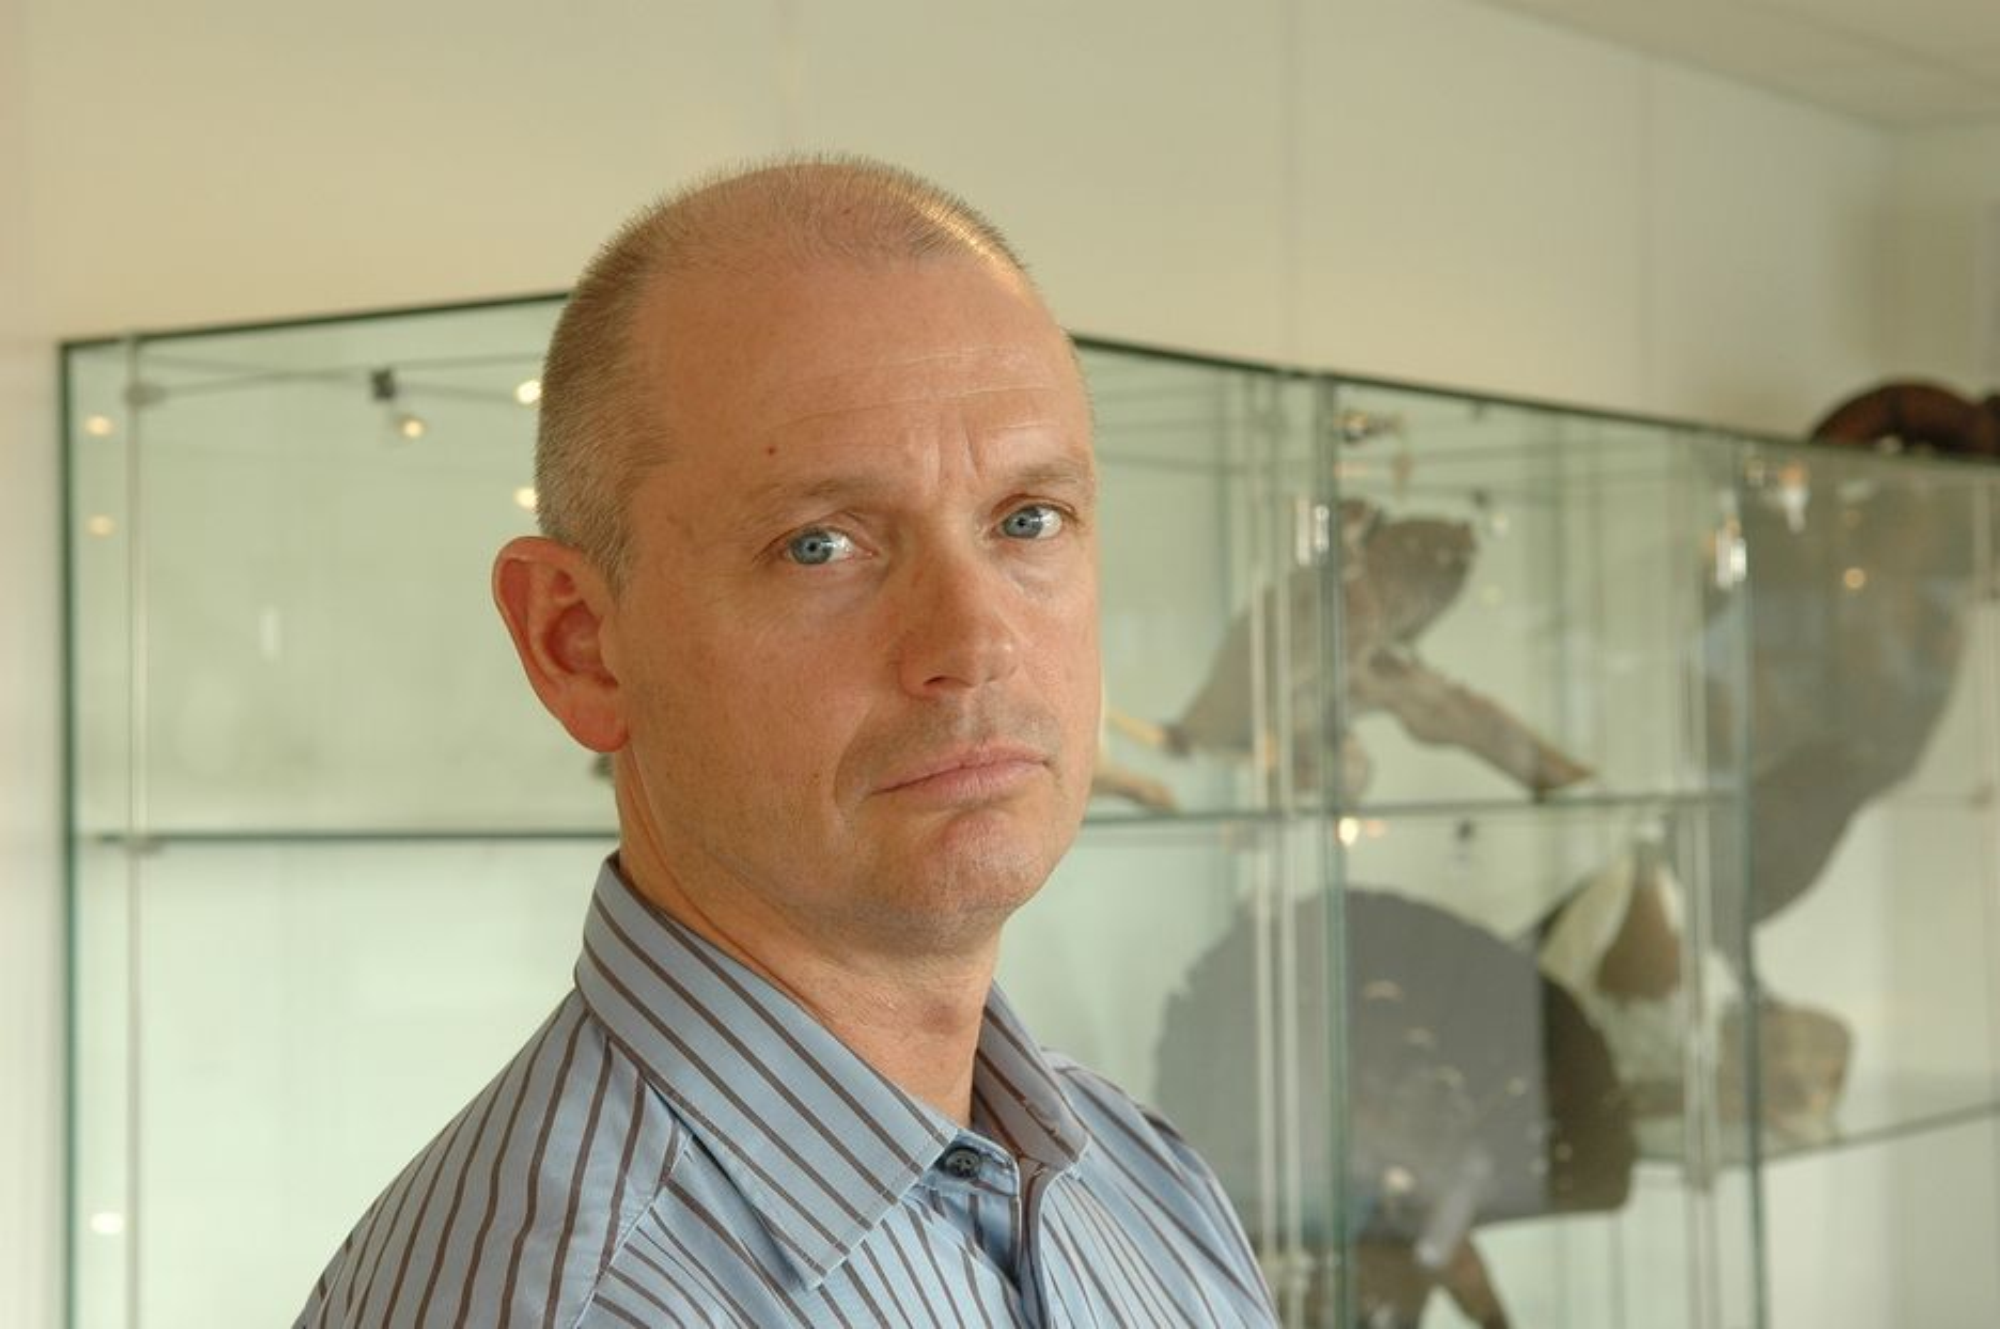 BURDE VÆRE OBS: Ståle Kyllingstad i Norsk Industri mener kjøpere burde være obs på utenlandske verft.